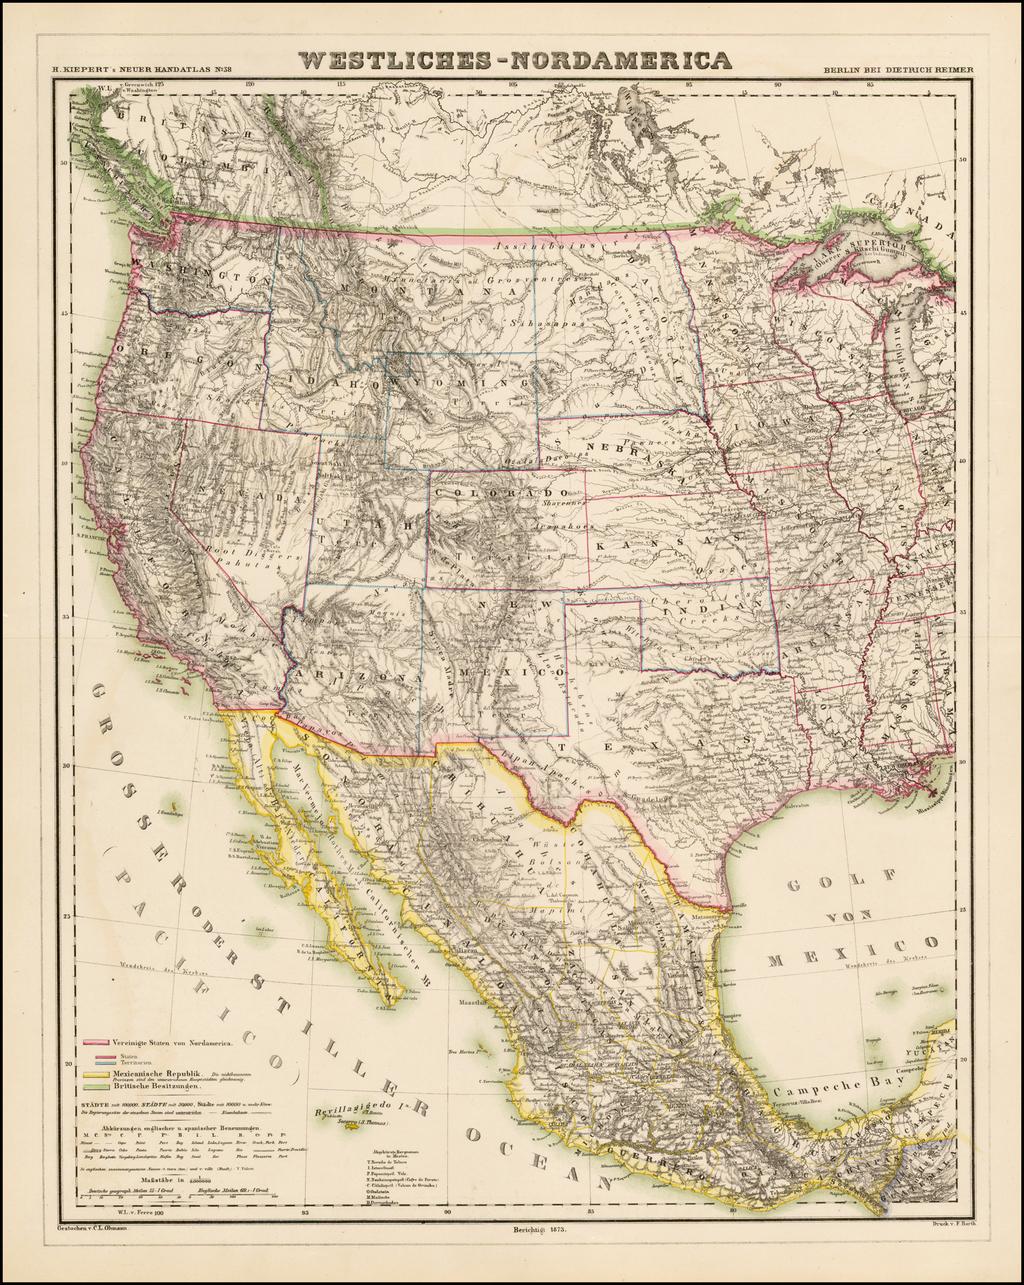 Westliches-Nordamerica By Dietrich Reimer  &  Heinrich Kiepert